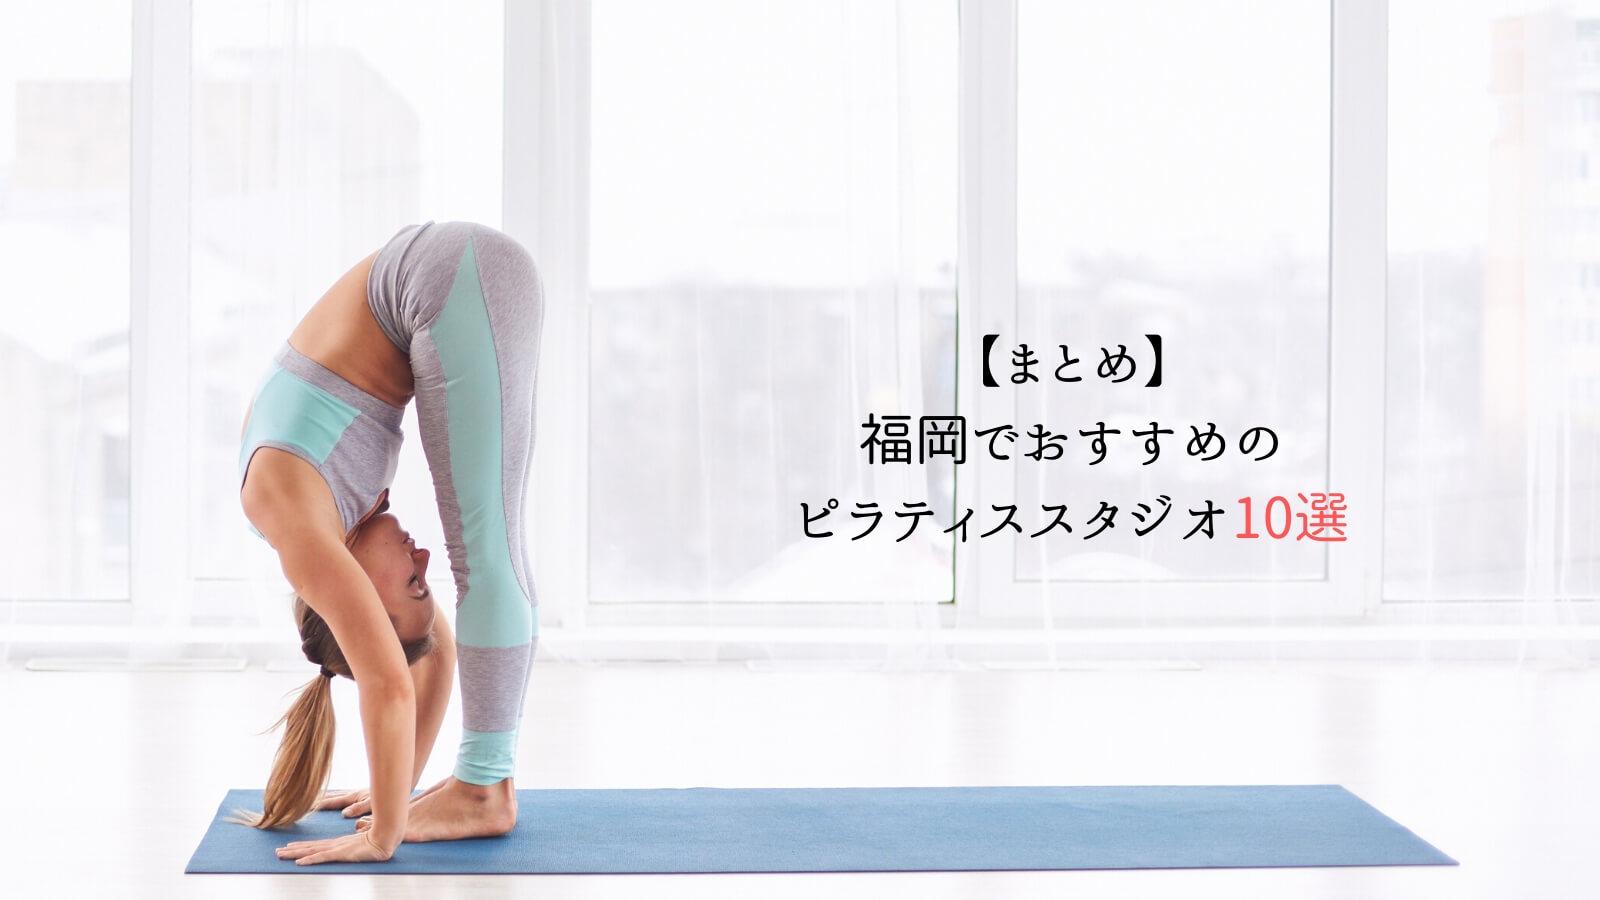 【まとめ】福岡でおすすめのピラティススタジオ10選